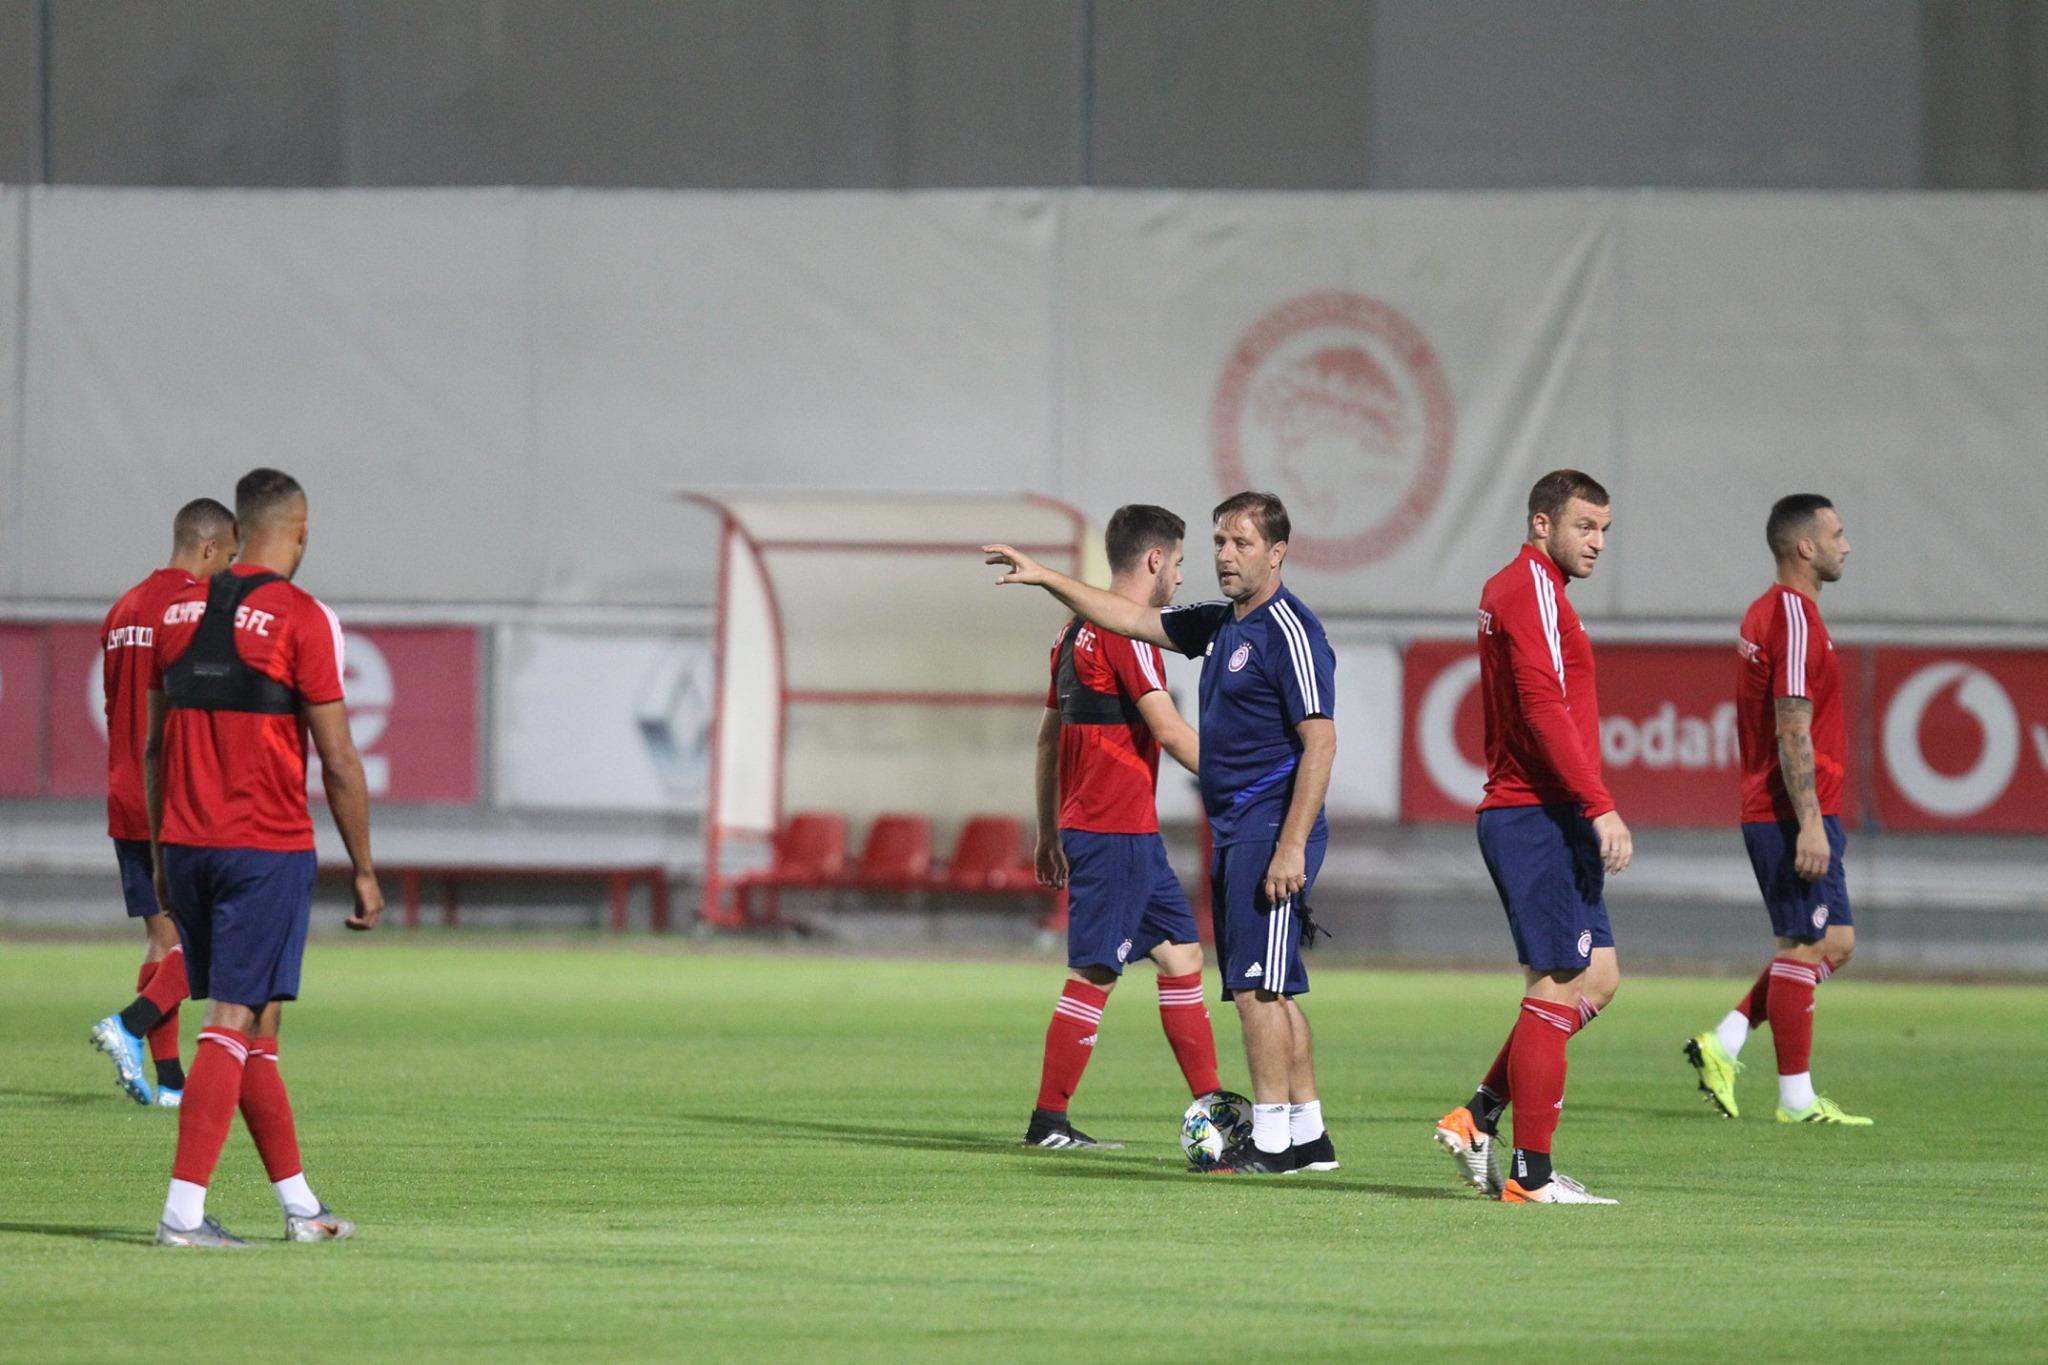 """Ολυμπιακός: """"Ξεμούδιασμα"""" με τριάρα αλλά χωρίς Λάζαρο!"""